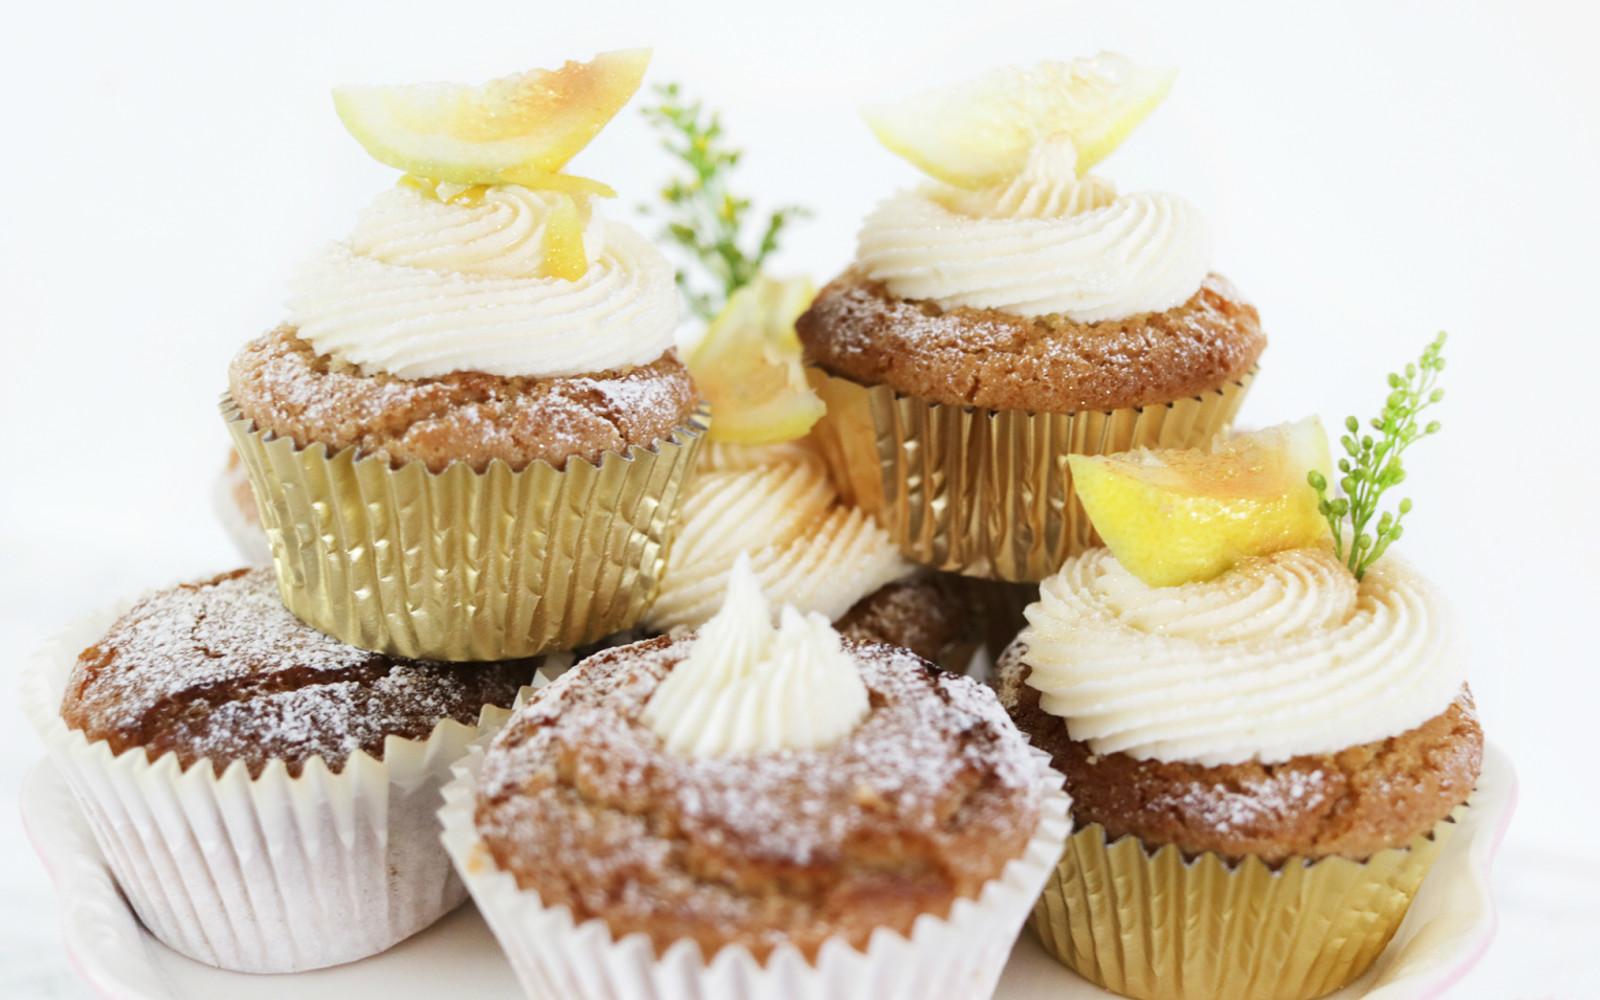 Vegan Lemon Drizzle Cupcakes